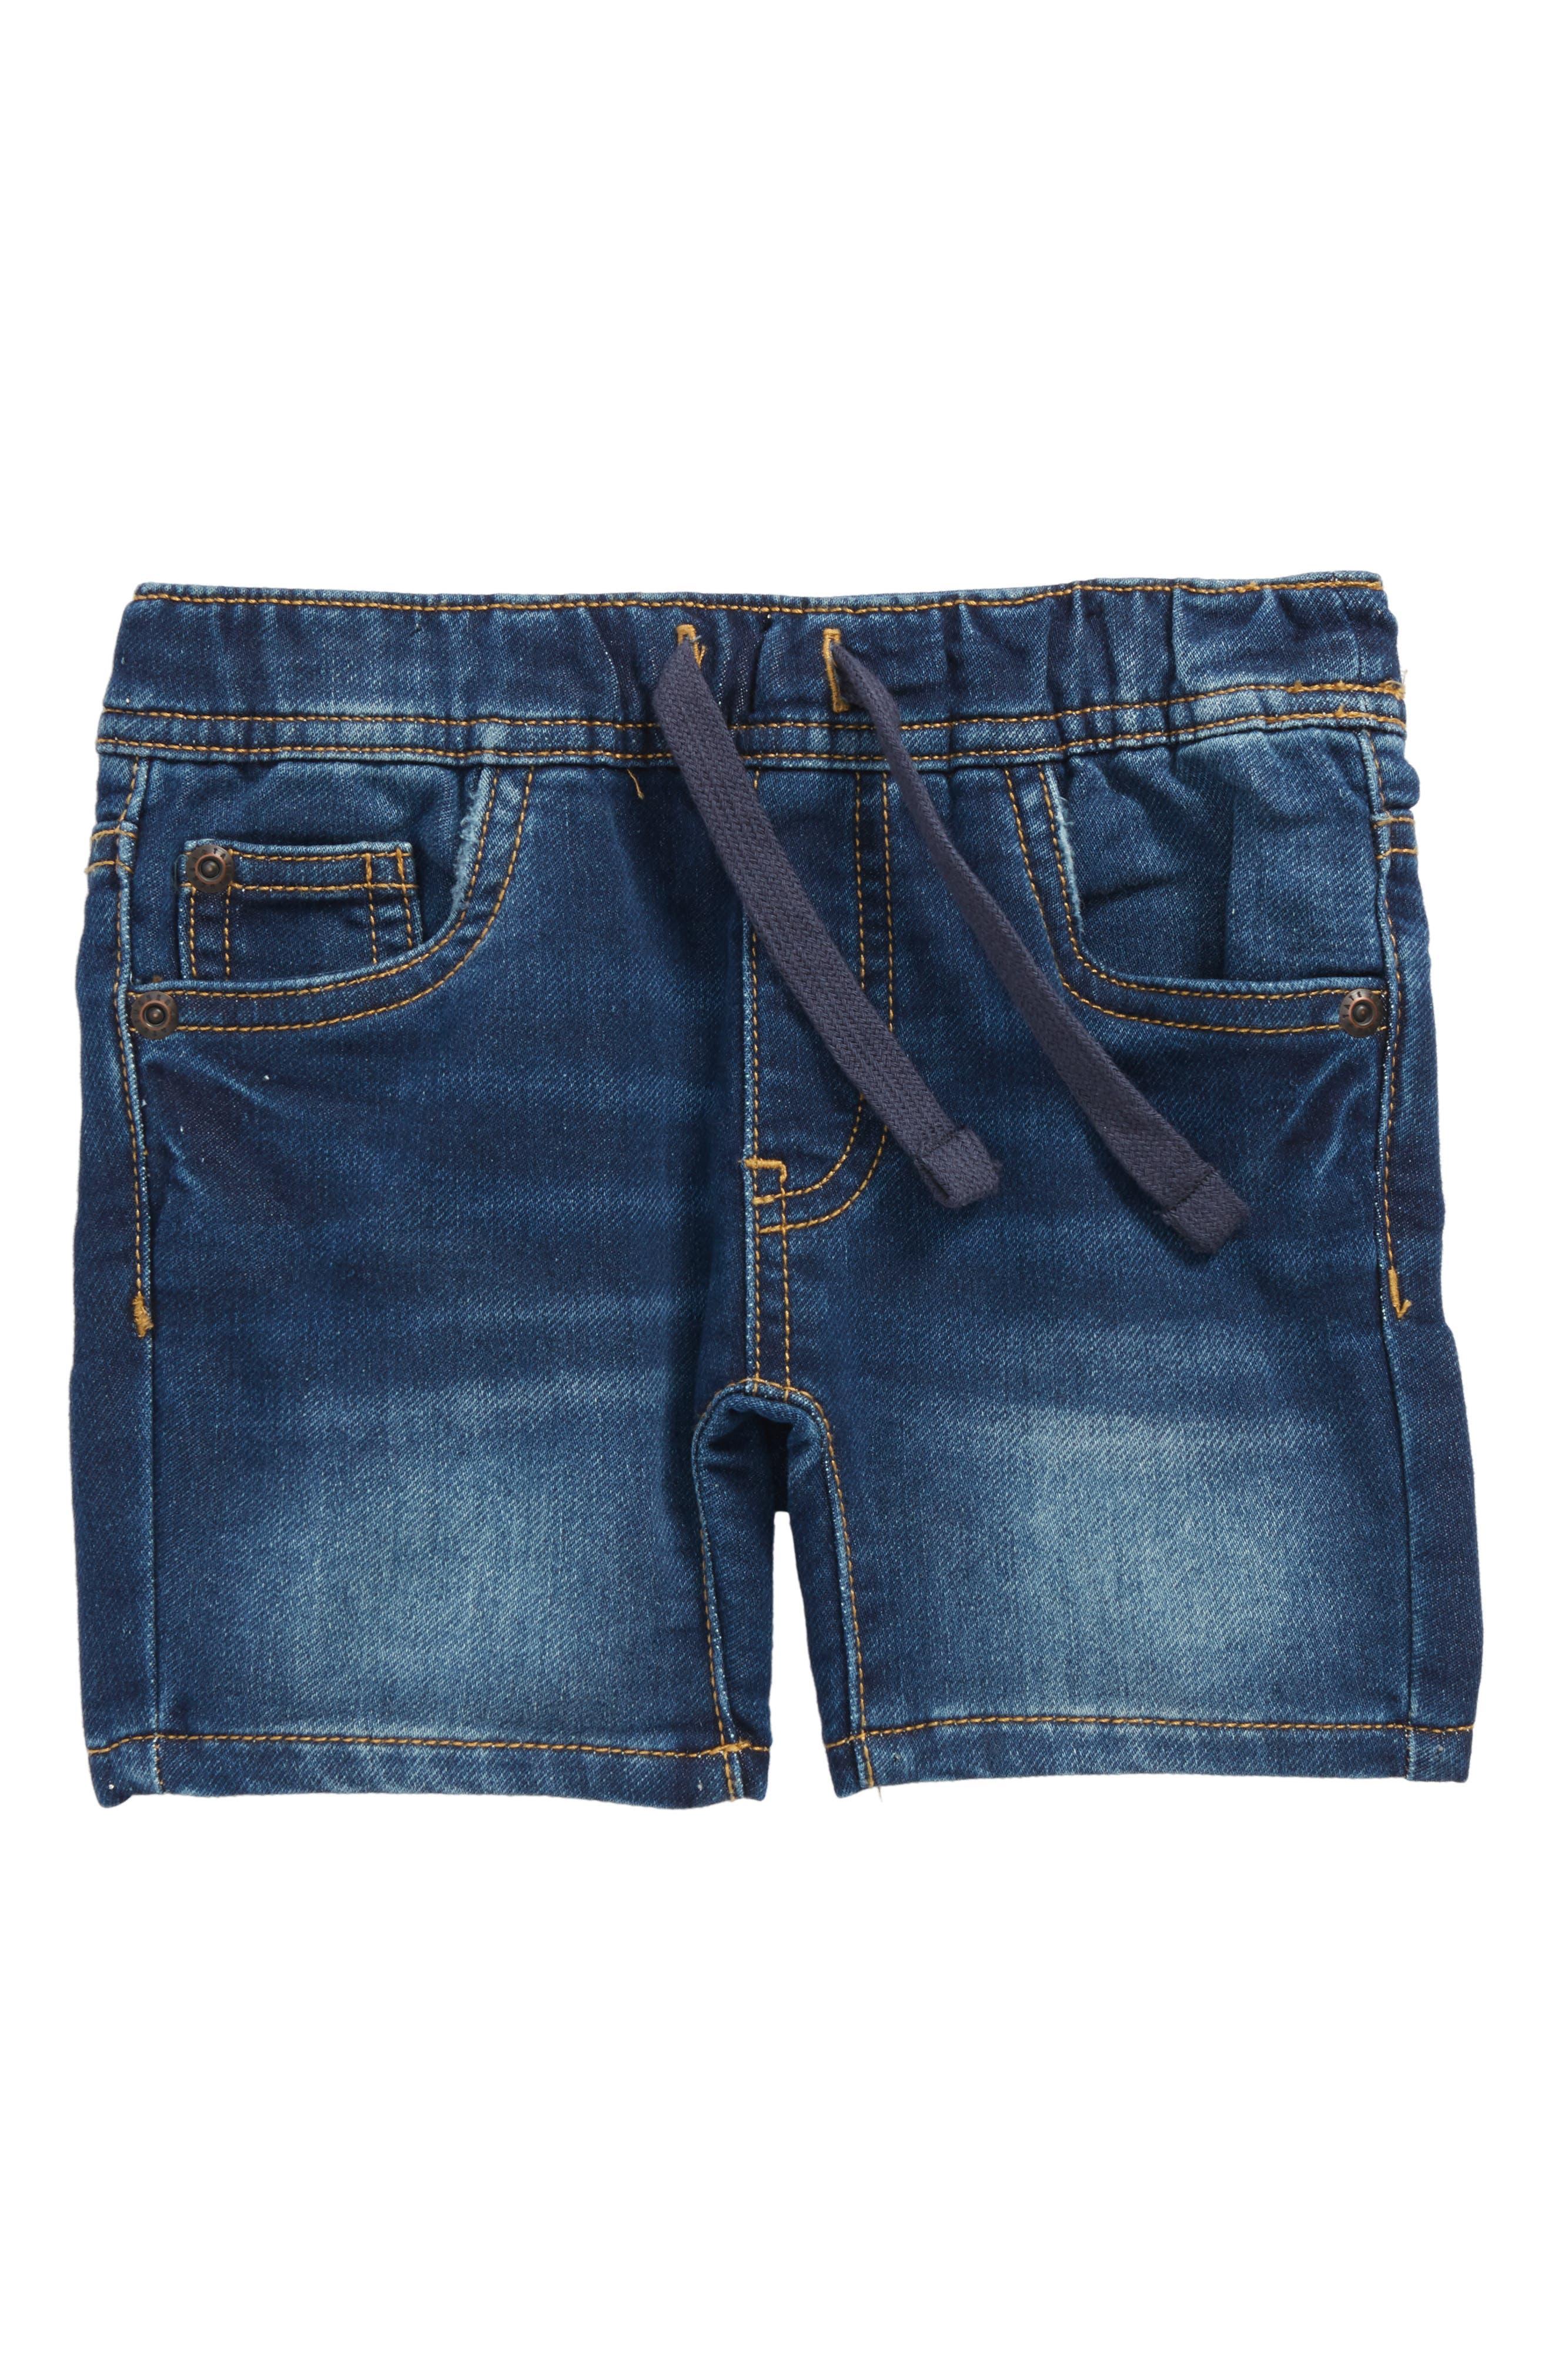 TUCKER + TATE,                             Denim Shorts,                             Main thumbnail 1, color,                             400